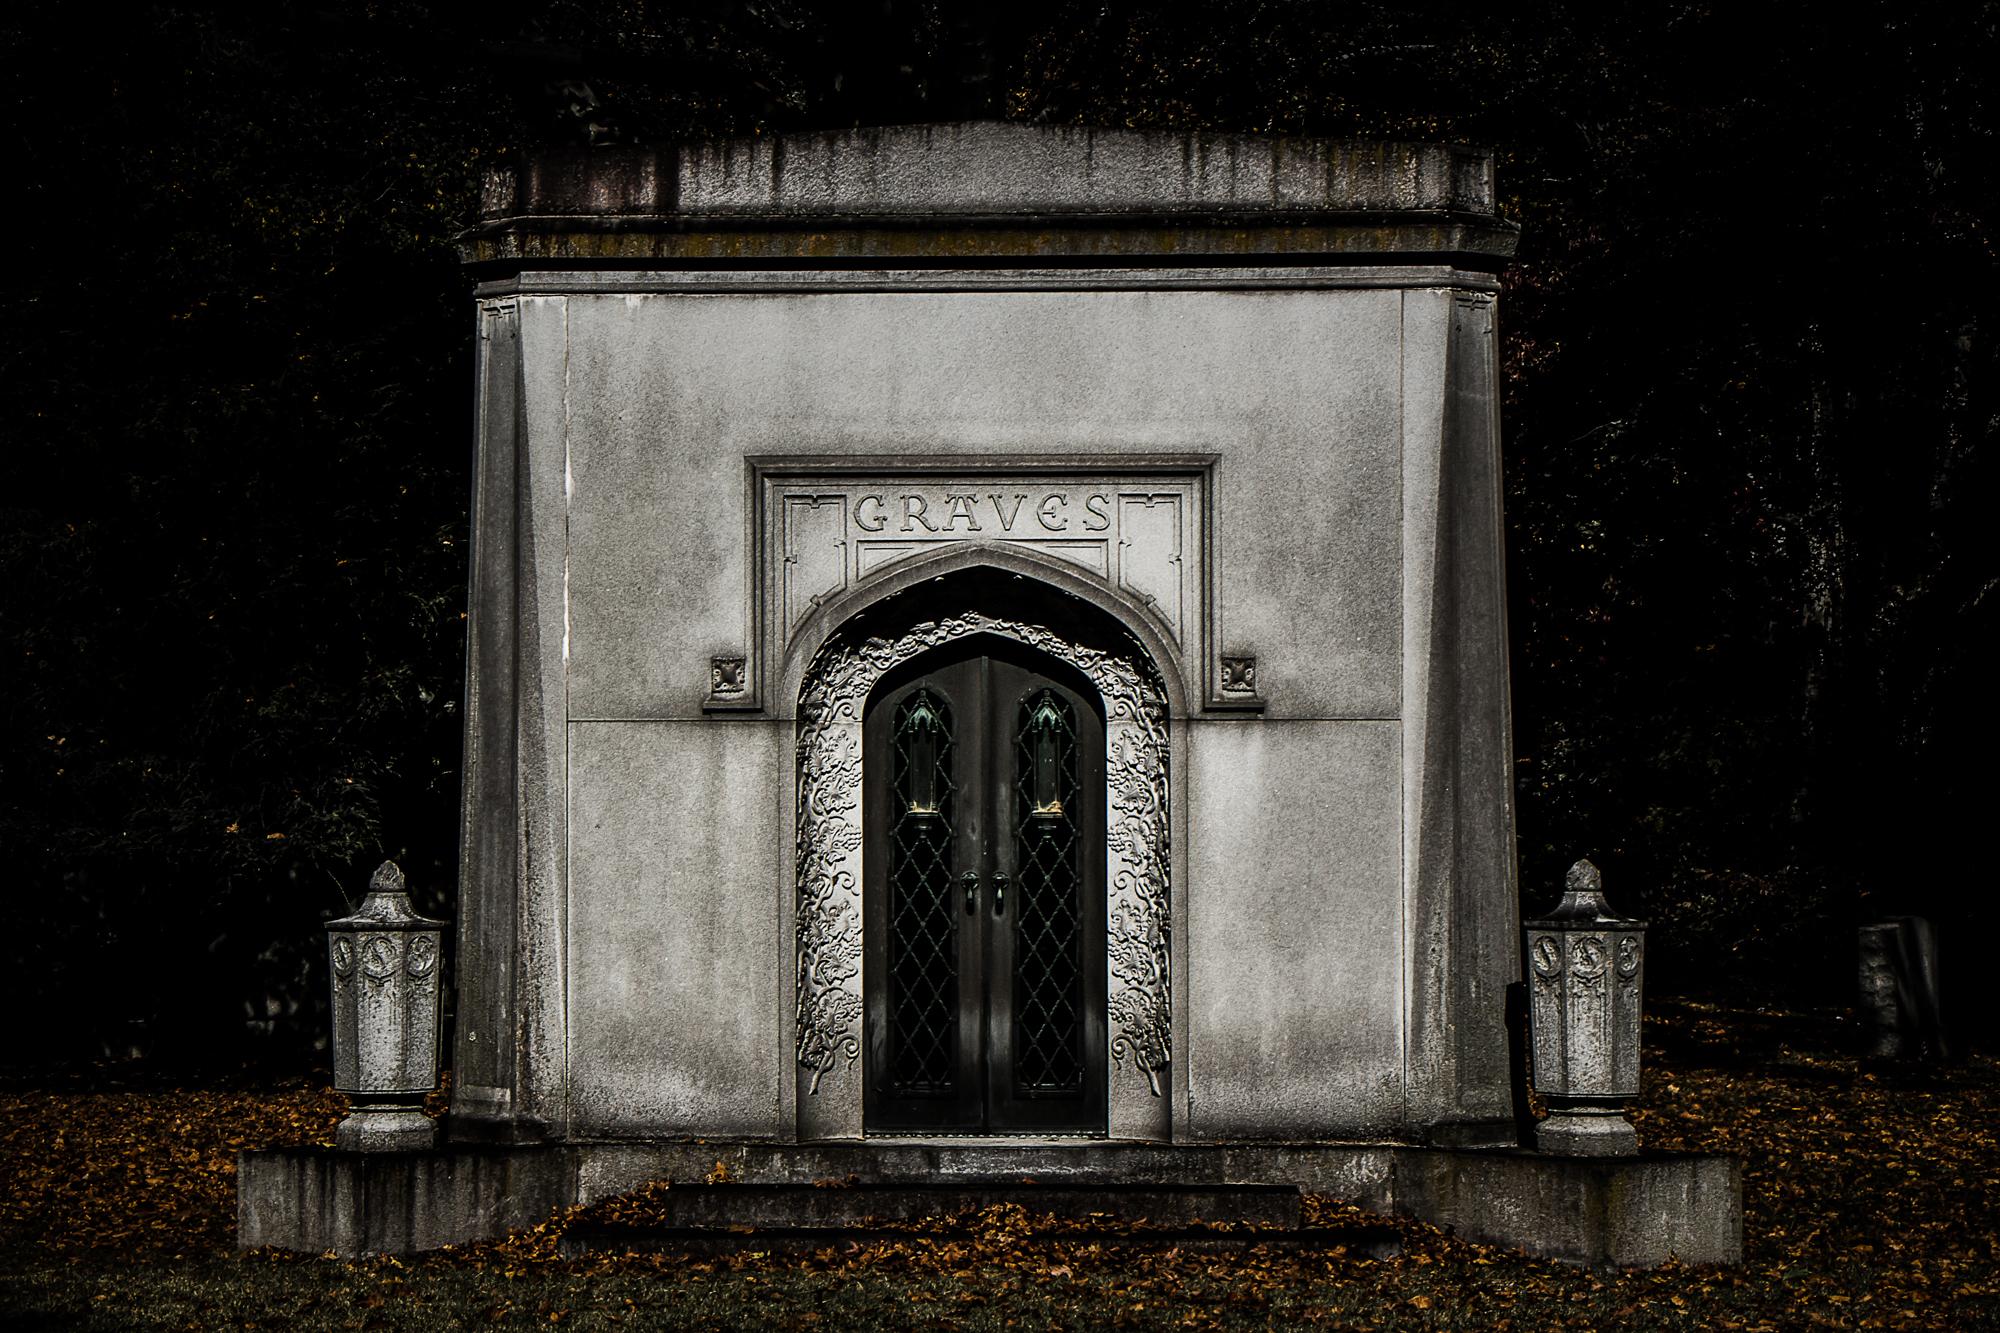 graves-10.jpg